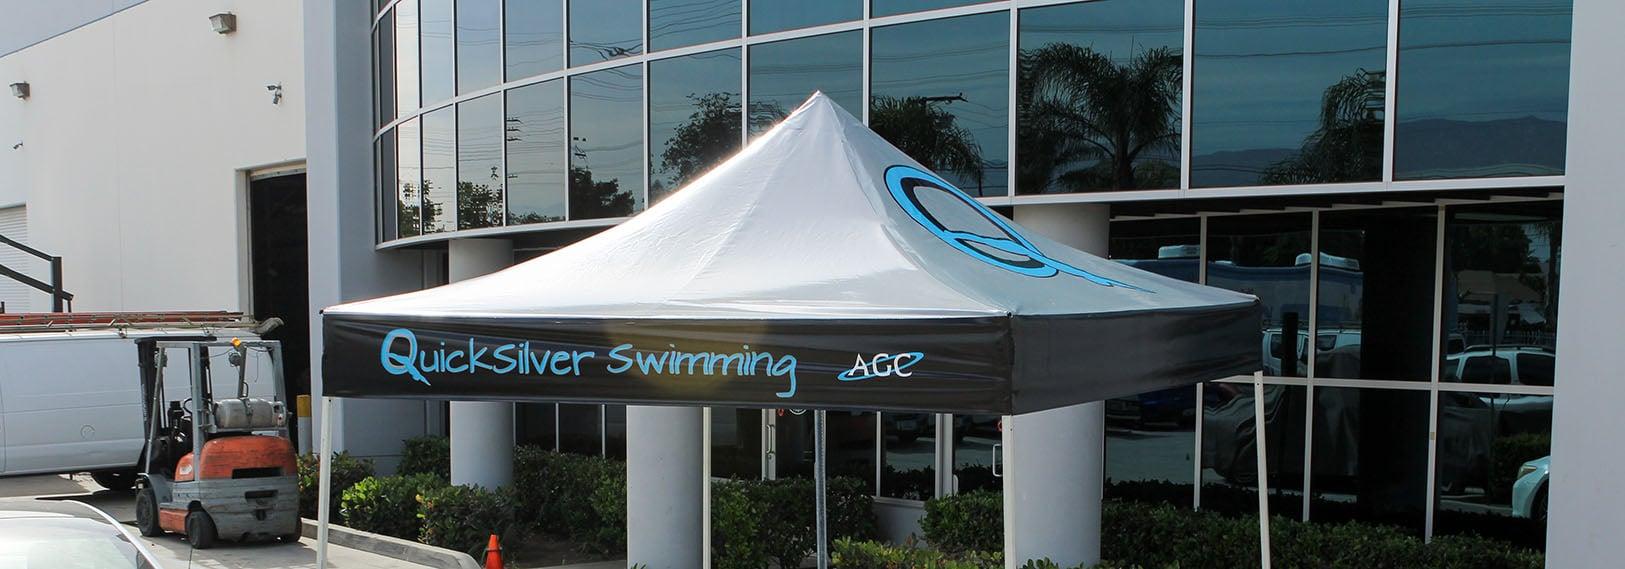 quicksilver-swimming-header.jpg